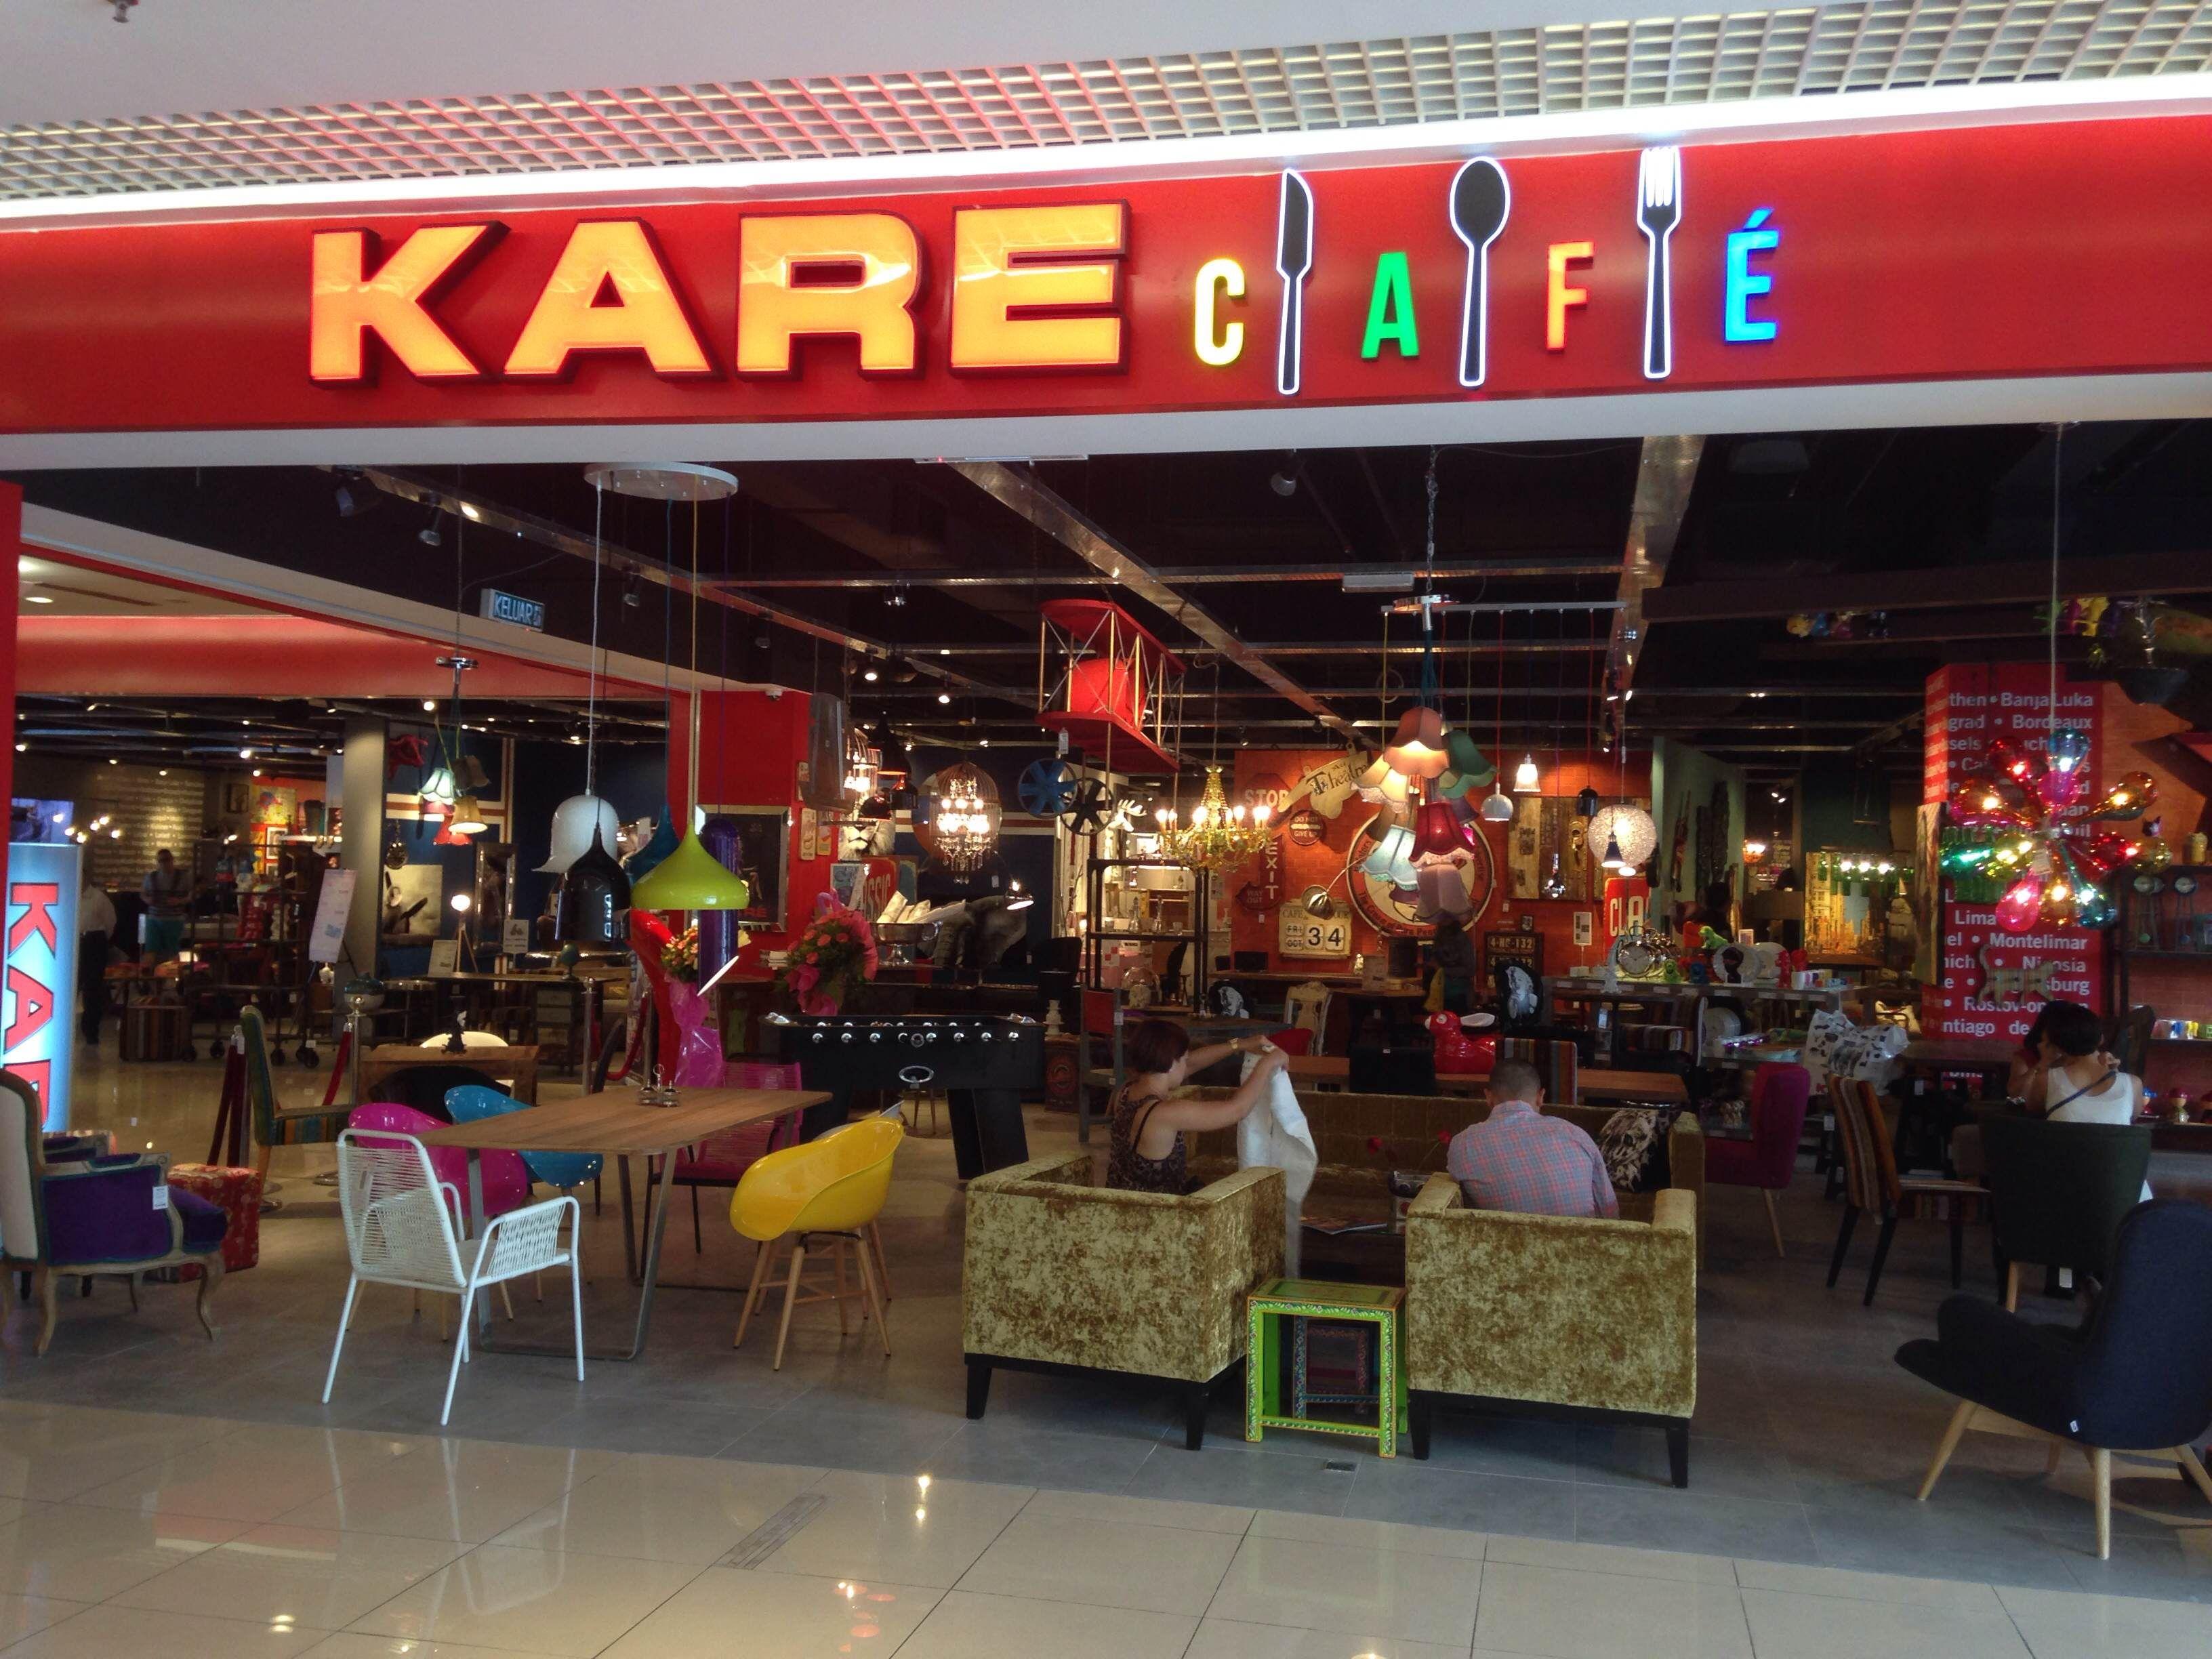 Kare Cafe In Kuala Lumpur In Selangor Malaysia